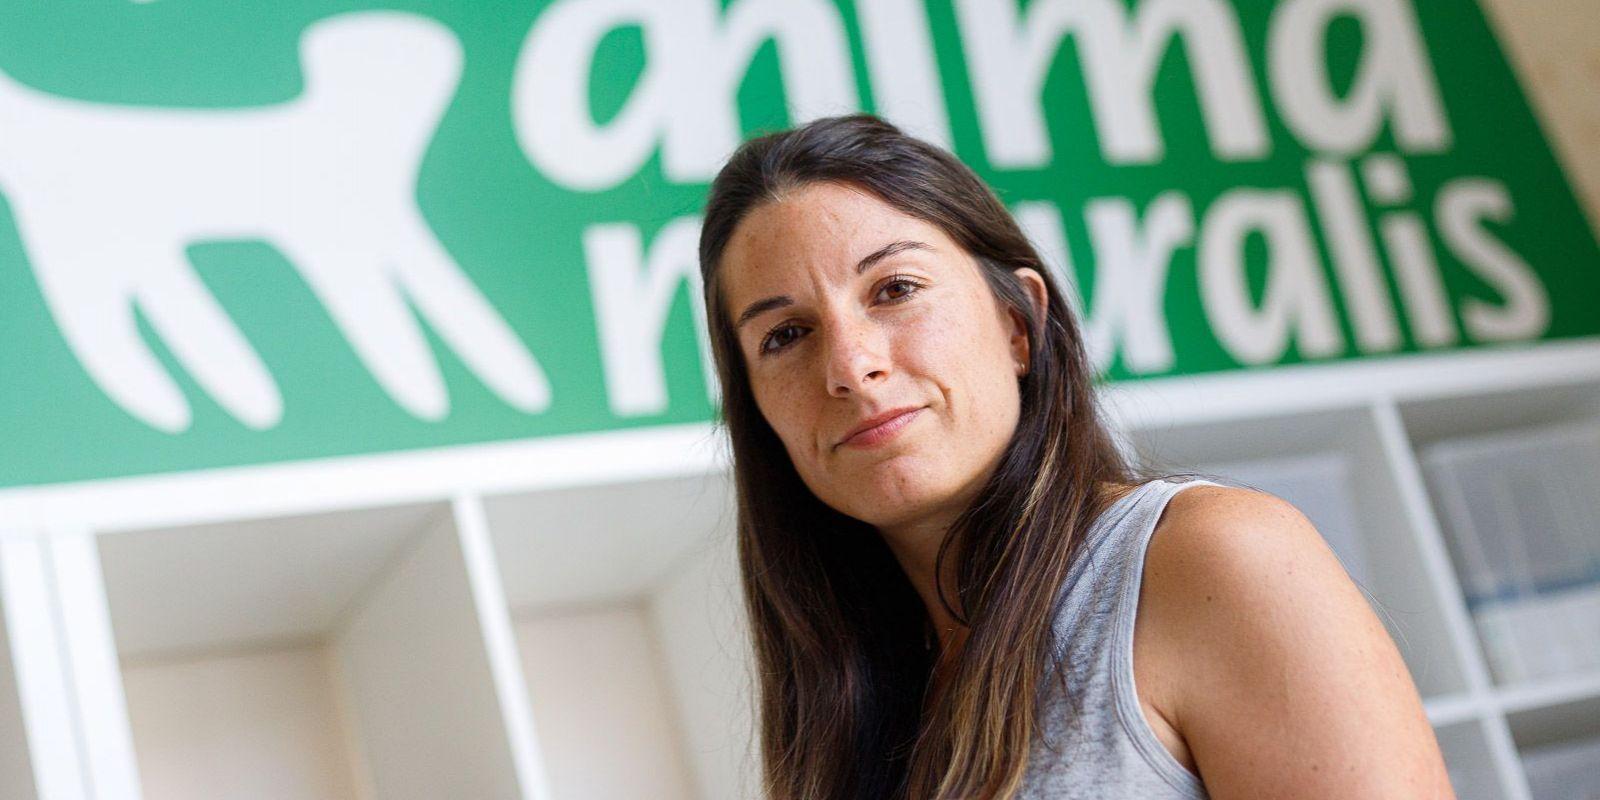 Entrevista a la accionista de Anima Naturalis, Aïda Gascón